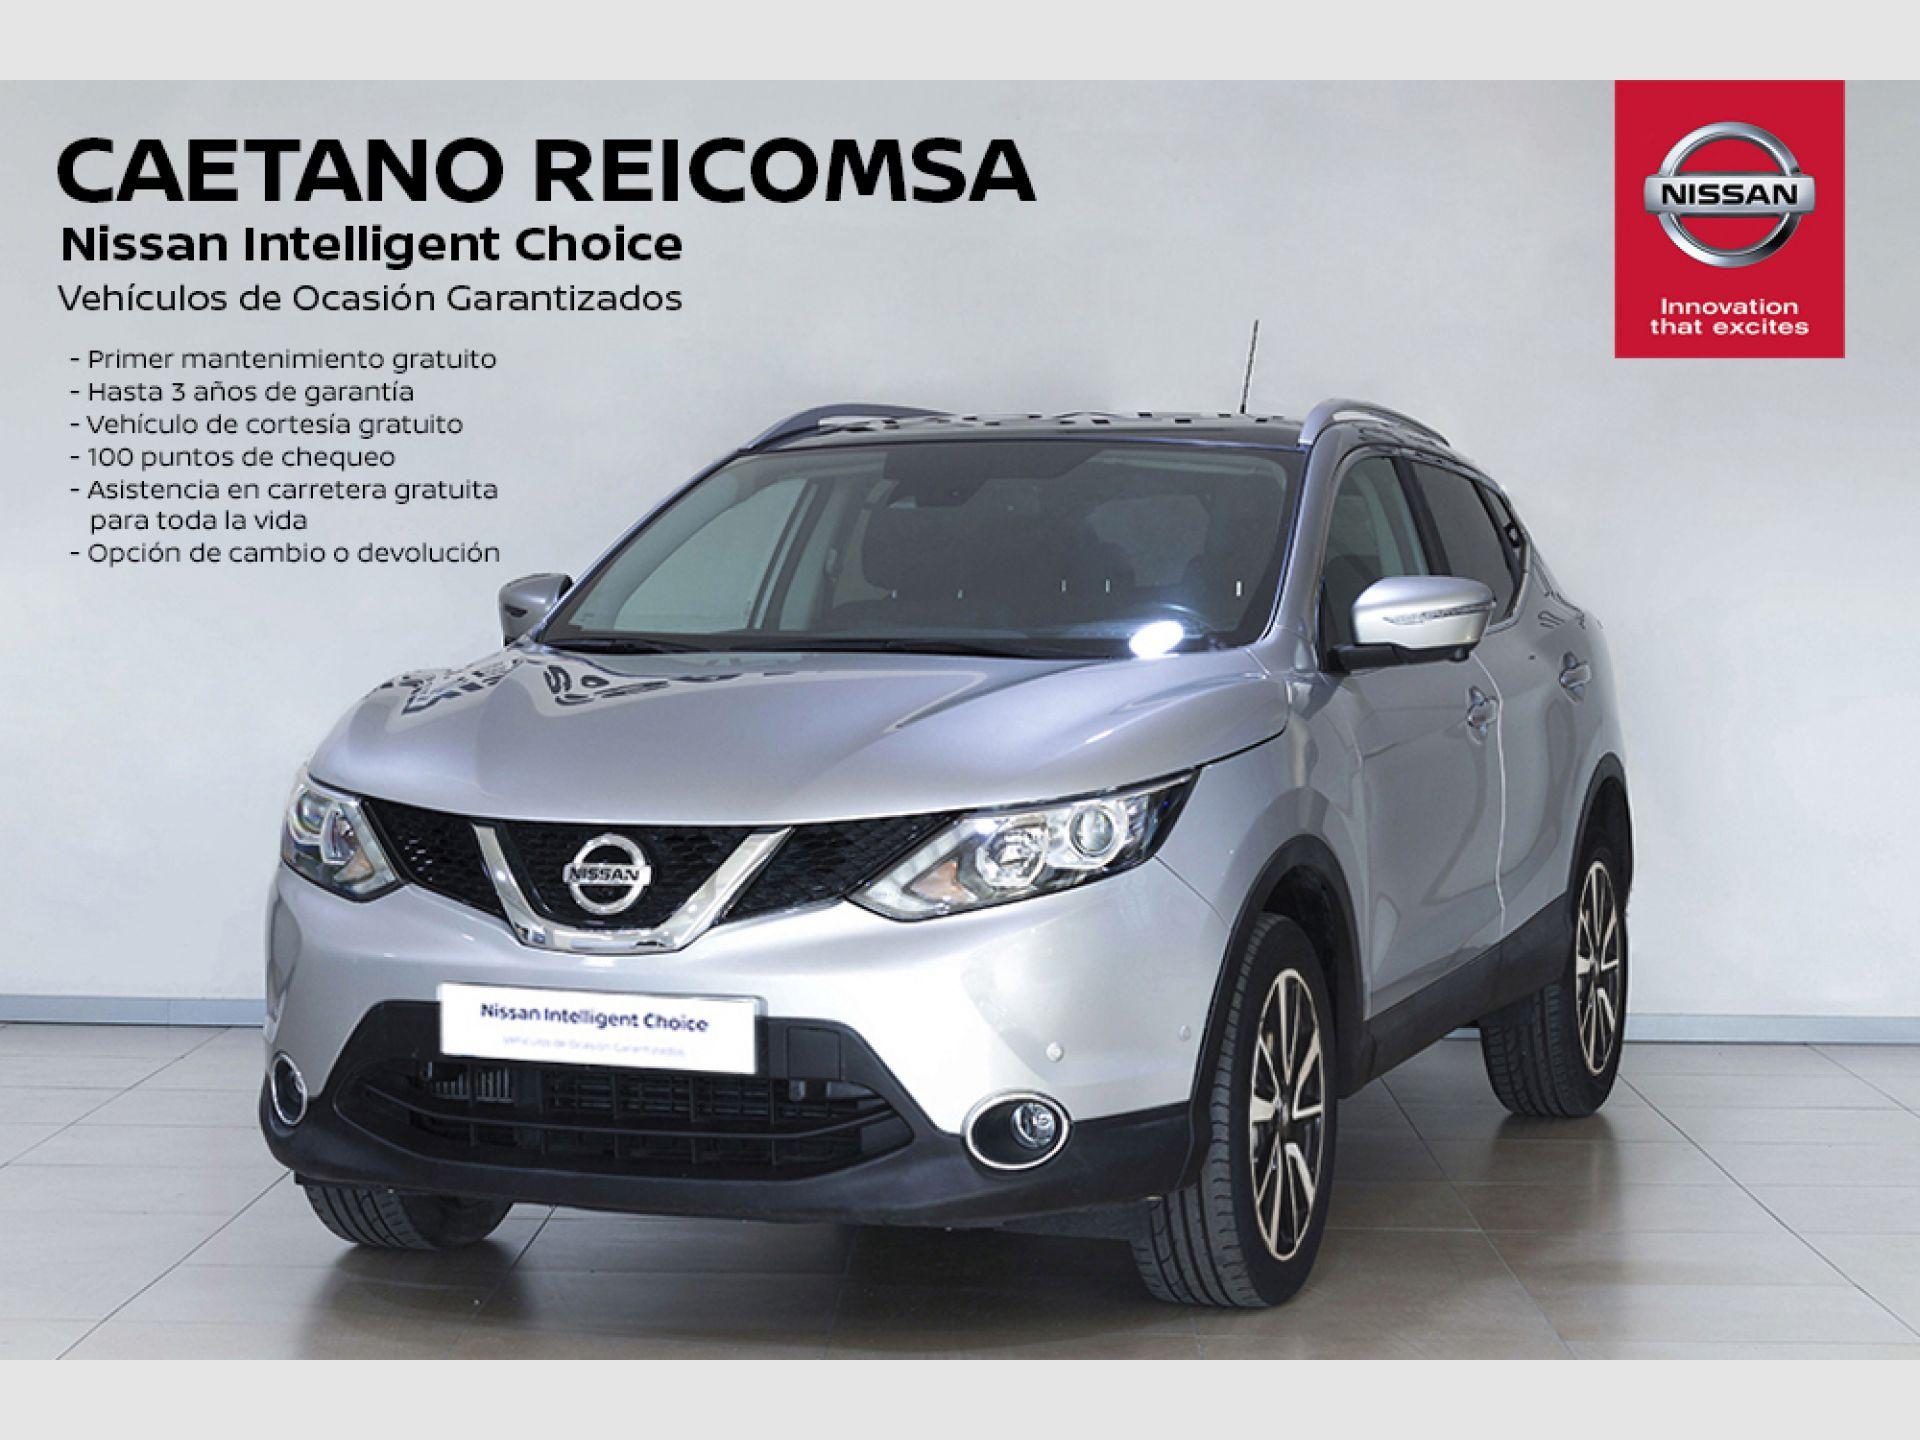 Nissan Qashqai 1.5 dCi S&S TEKNA PREMIUM 4x2 Piel segunda mano Madrid